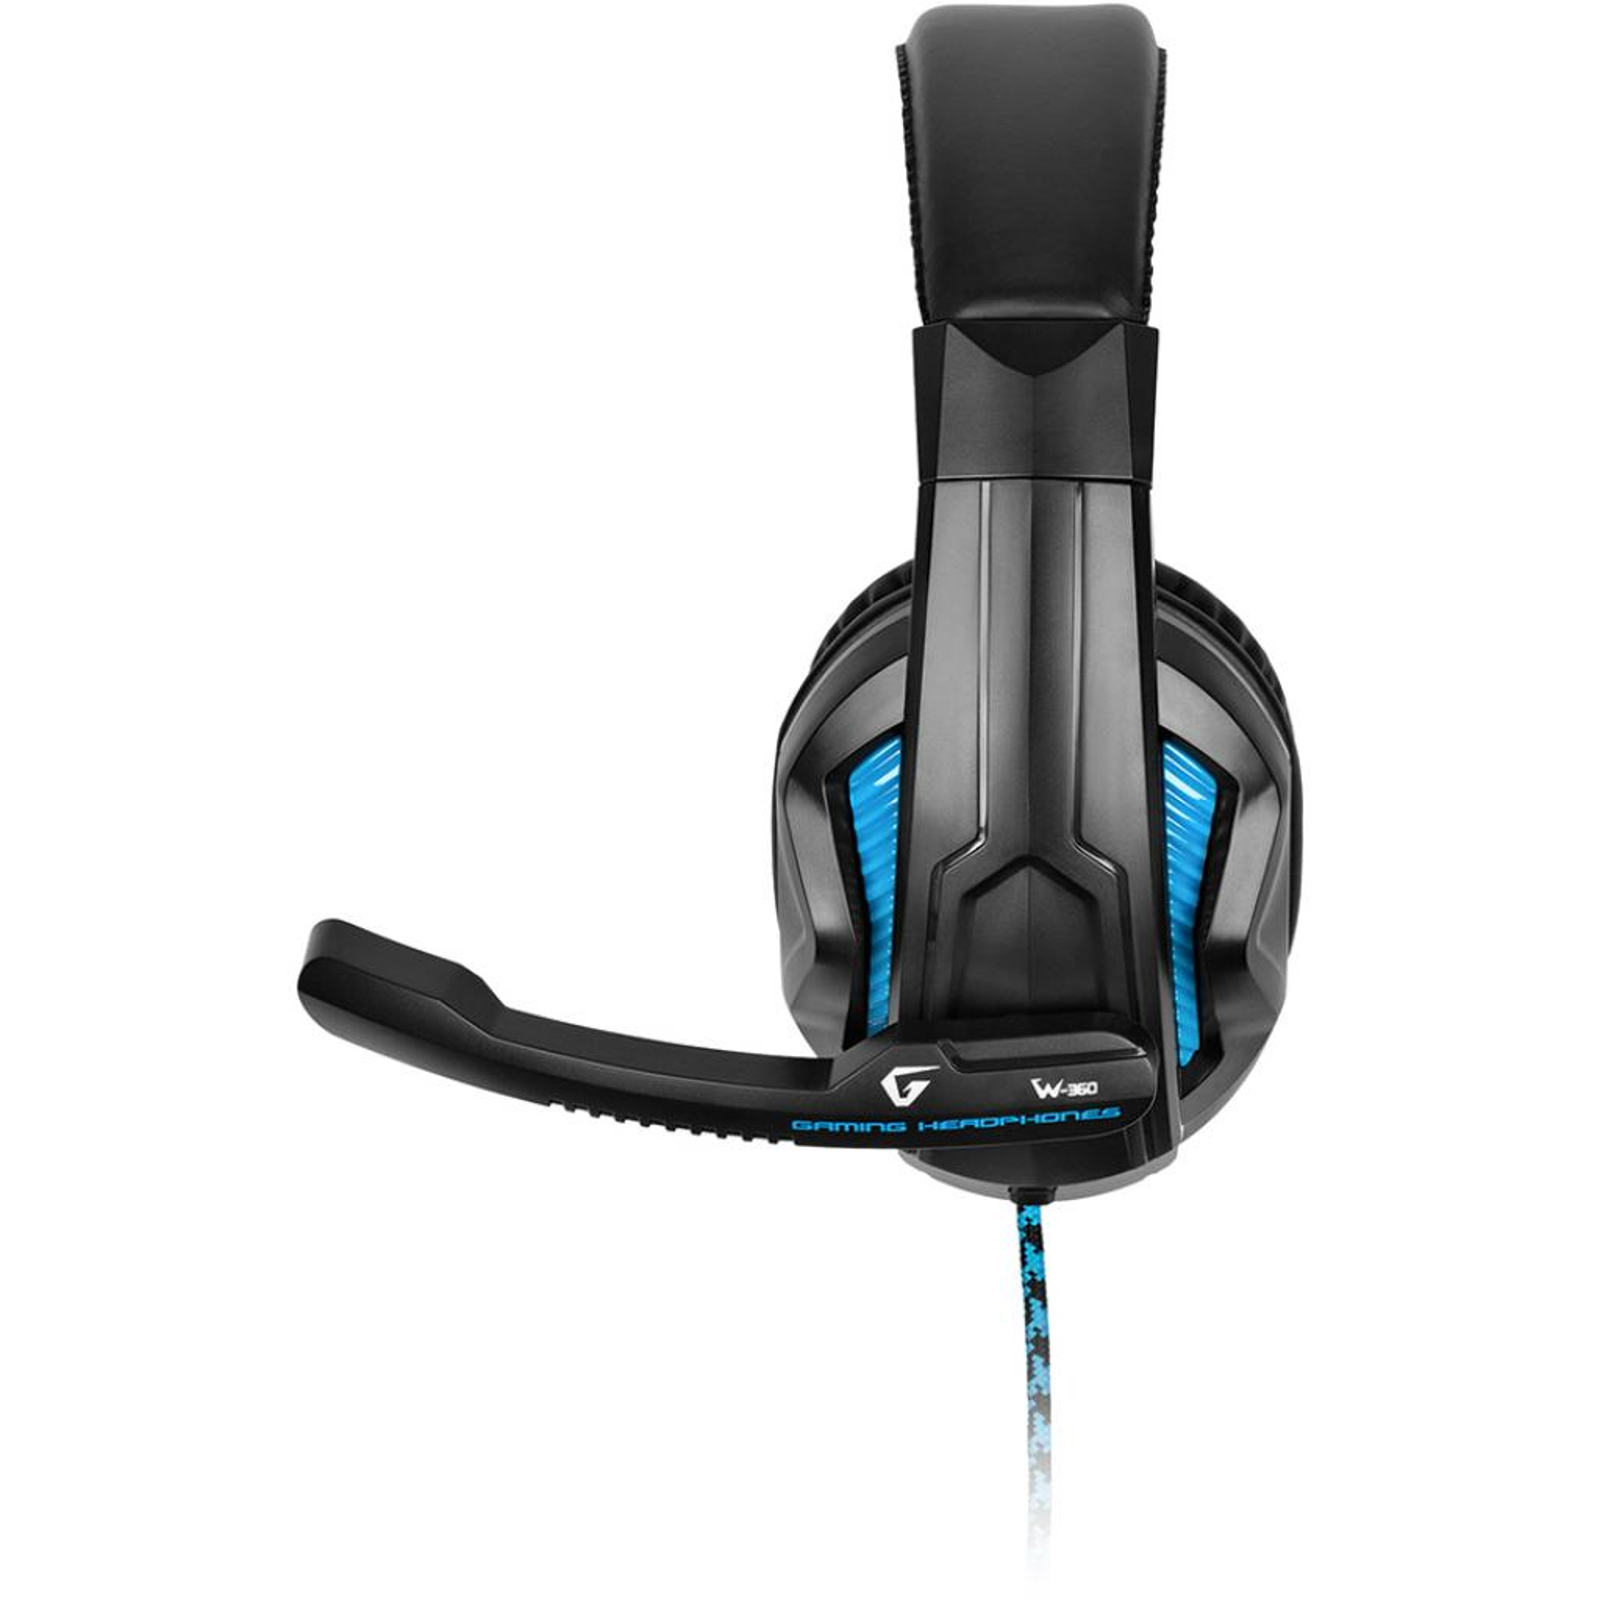 Наушники GEMIX W-360 black-blue изображение 3